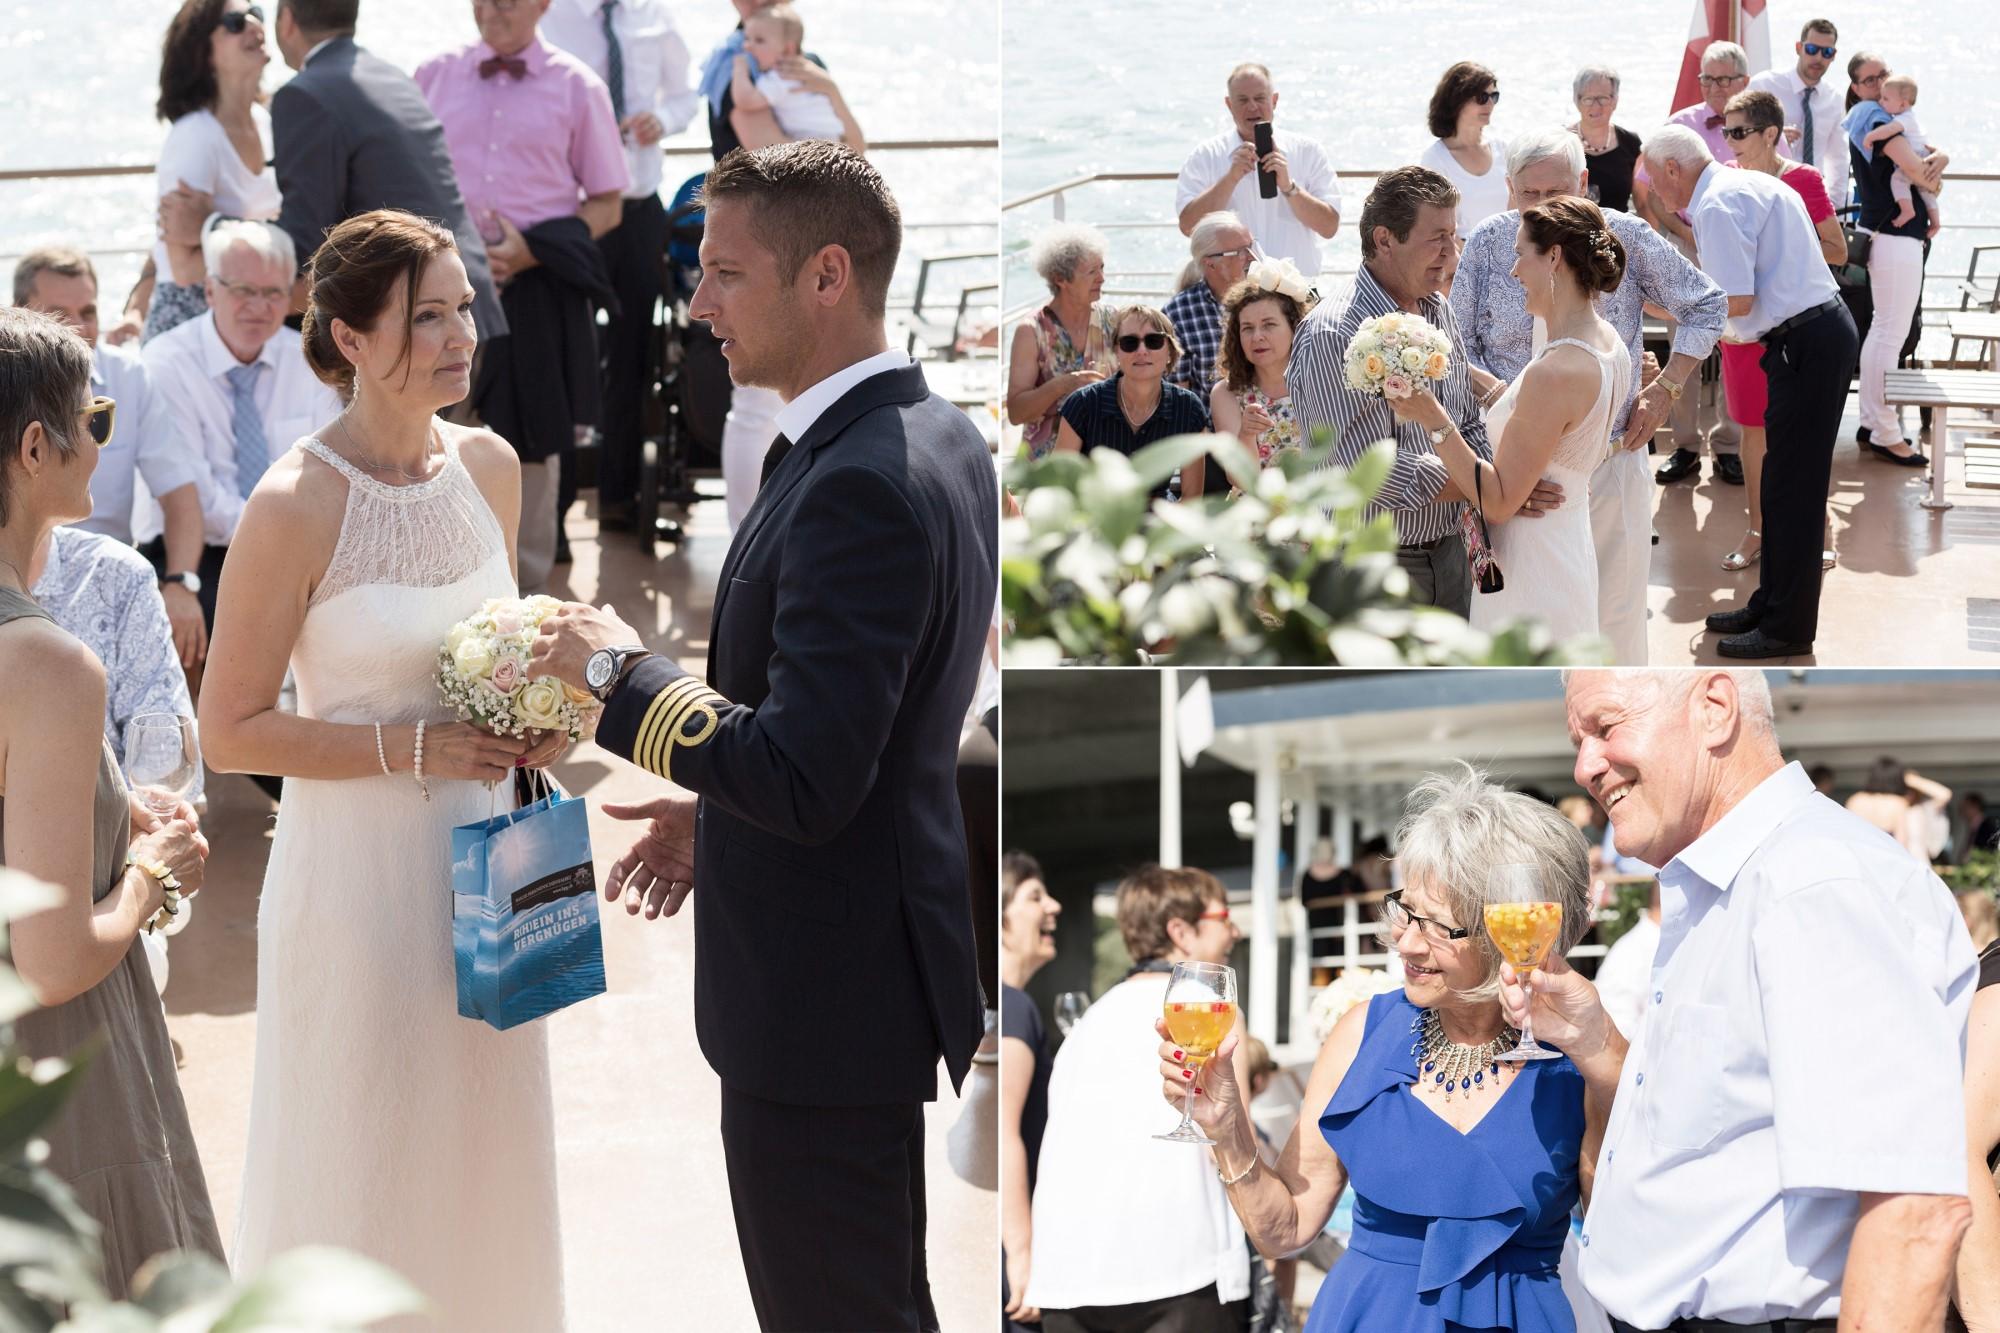 Der Kapitän gratuliert der Braut